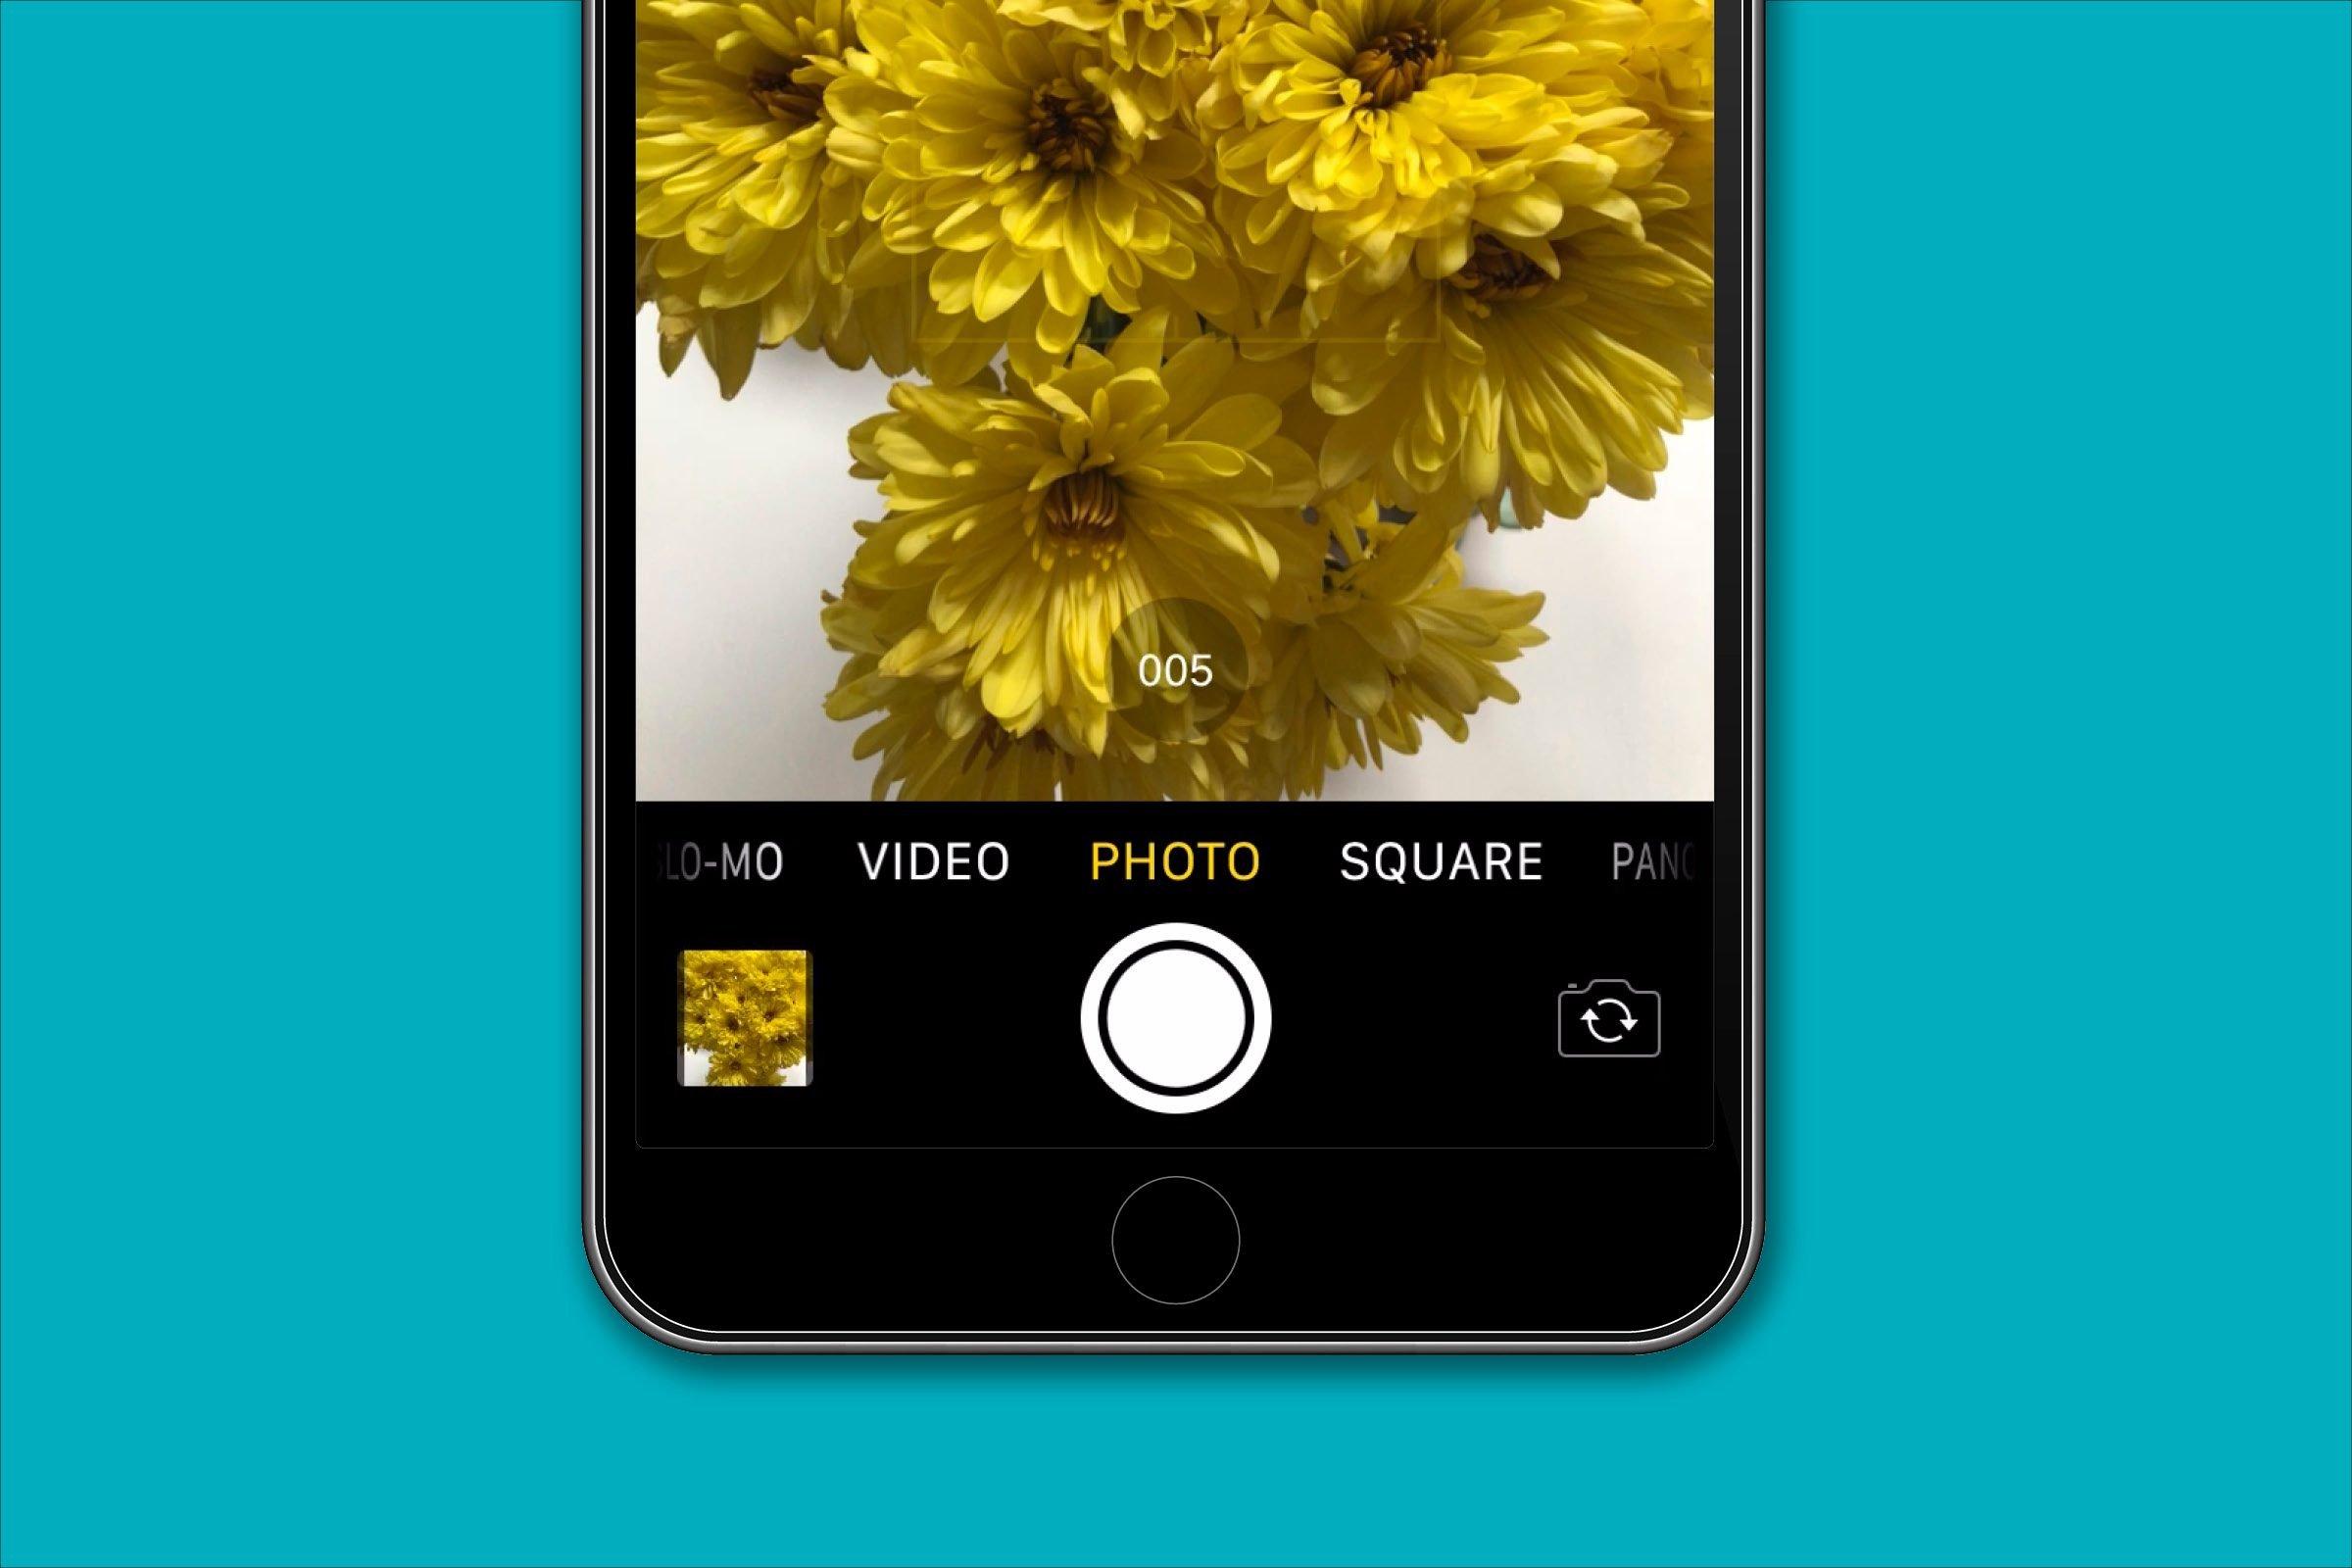 Shoot bursts of photos